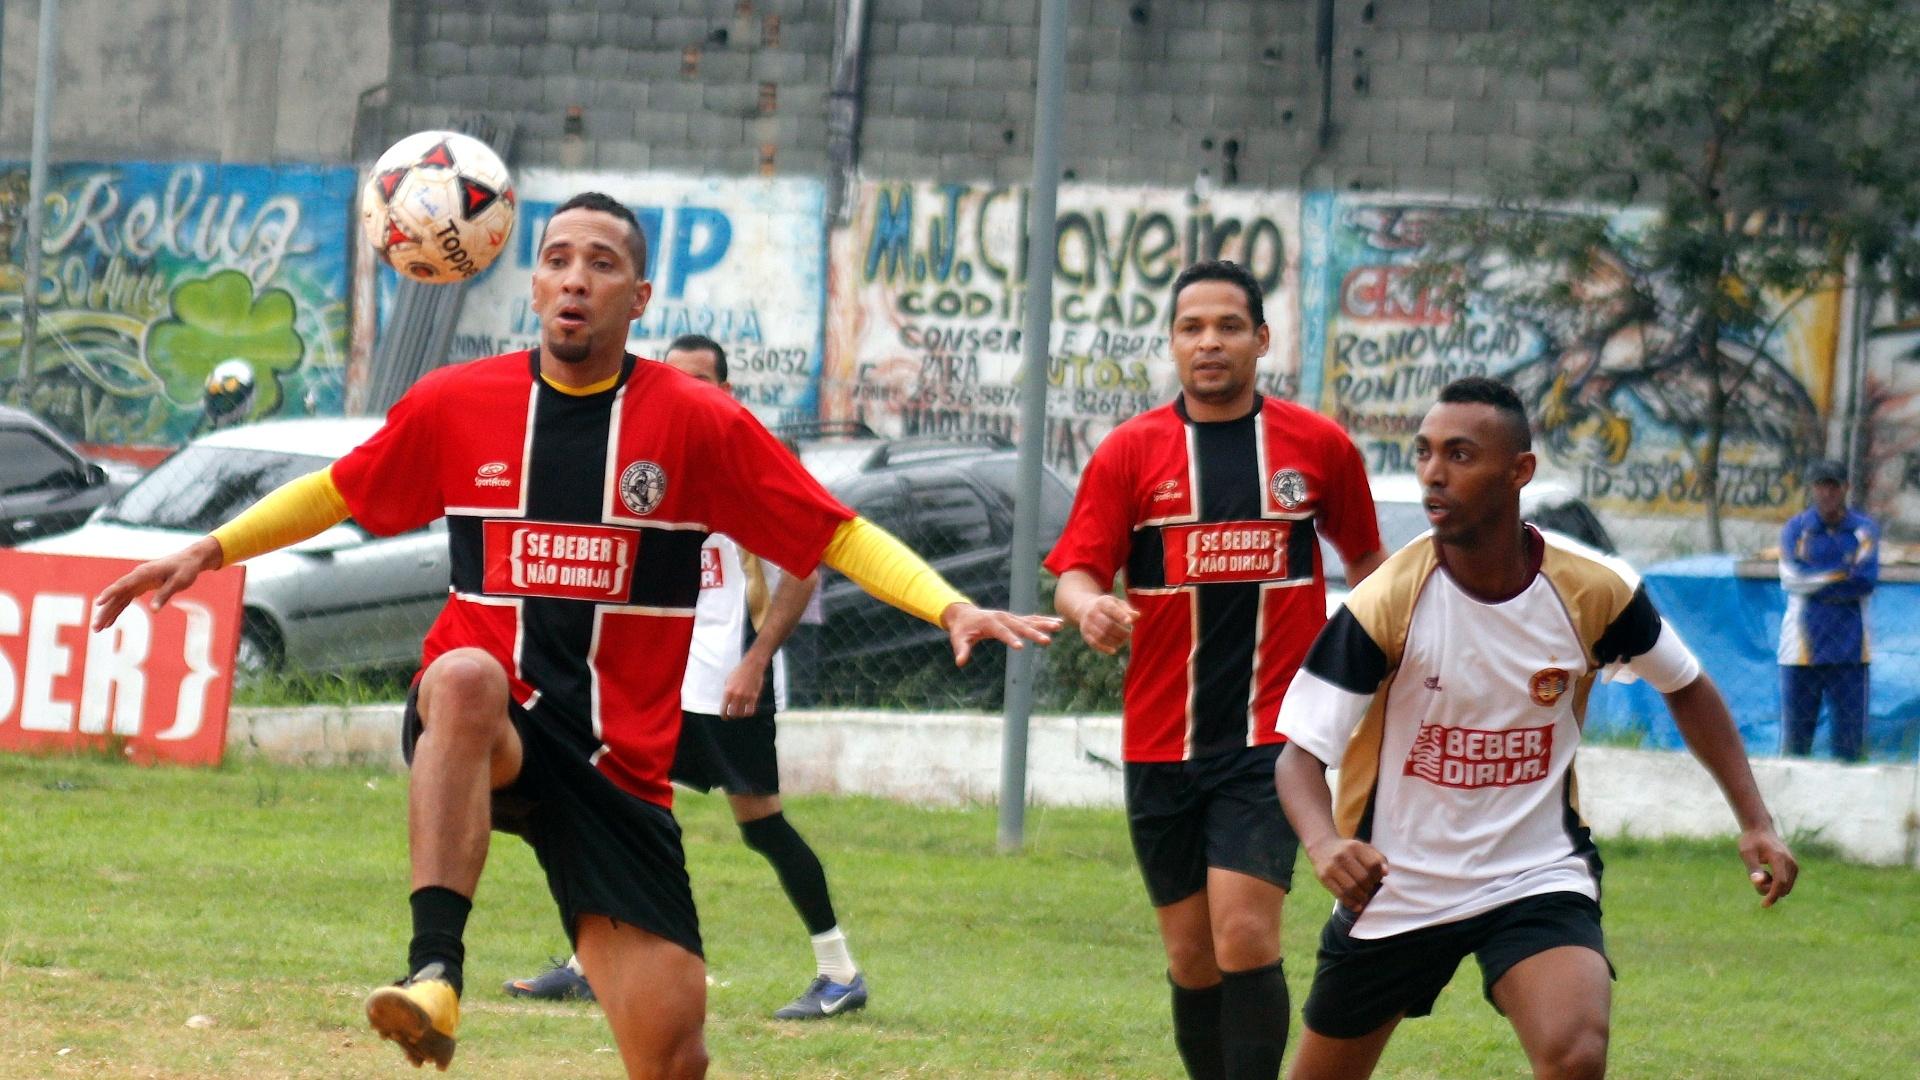 Meia do Jaçanã demosntra belo domínio de bola no segundo tempo do jogo contra o Juventus da Liberdade